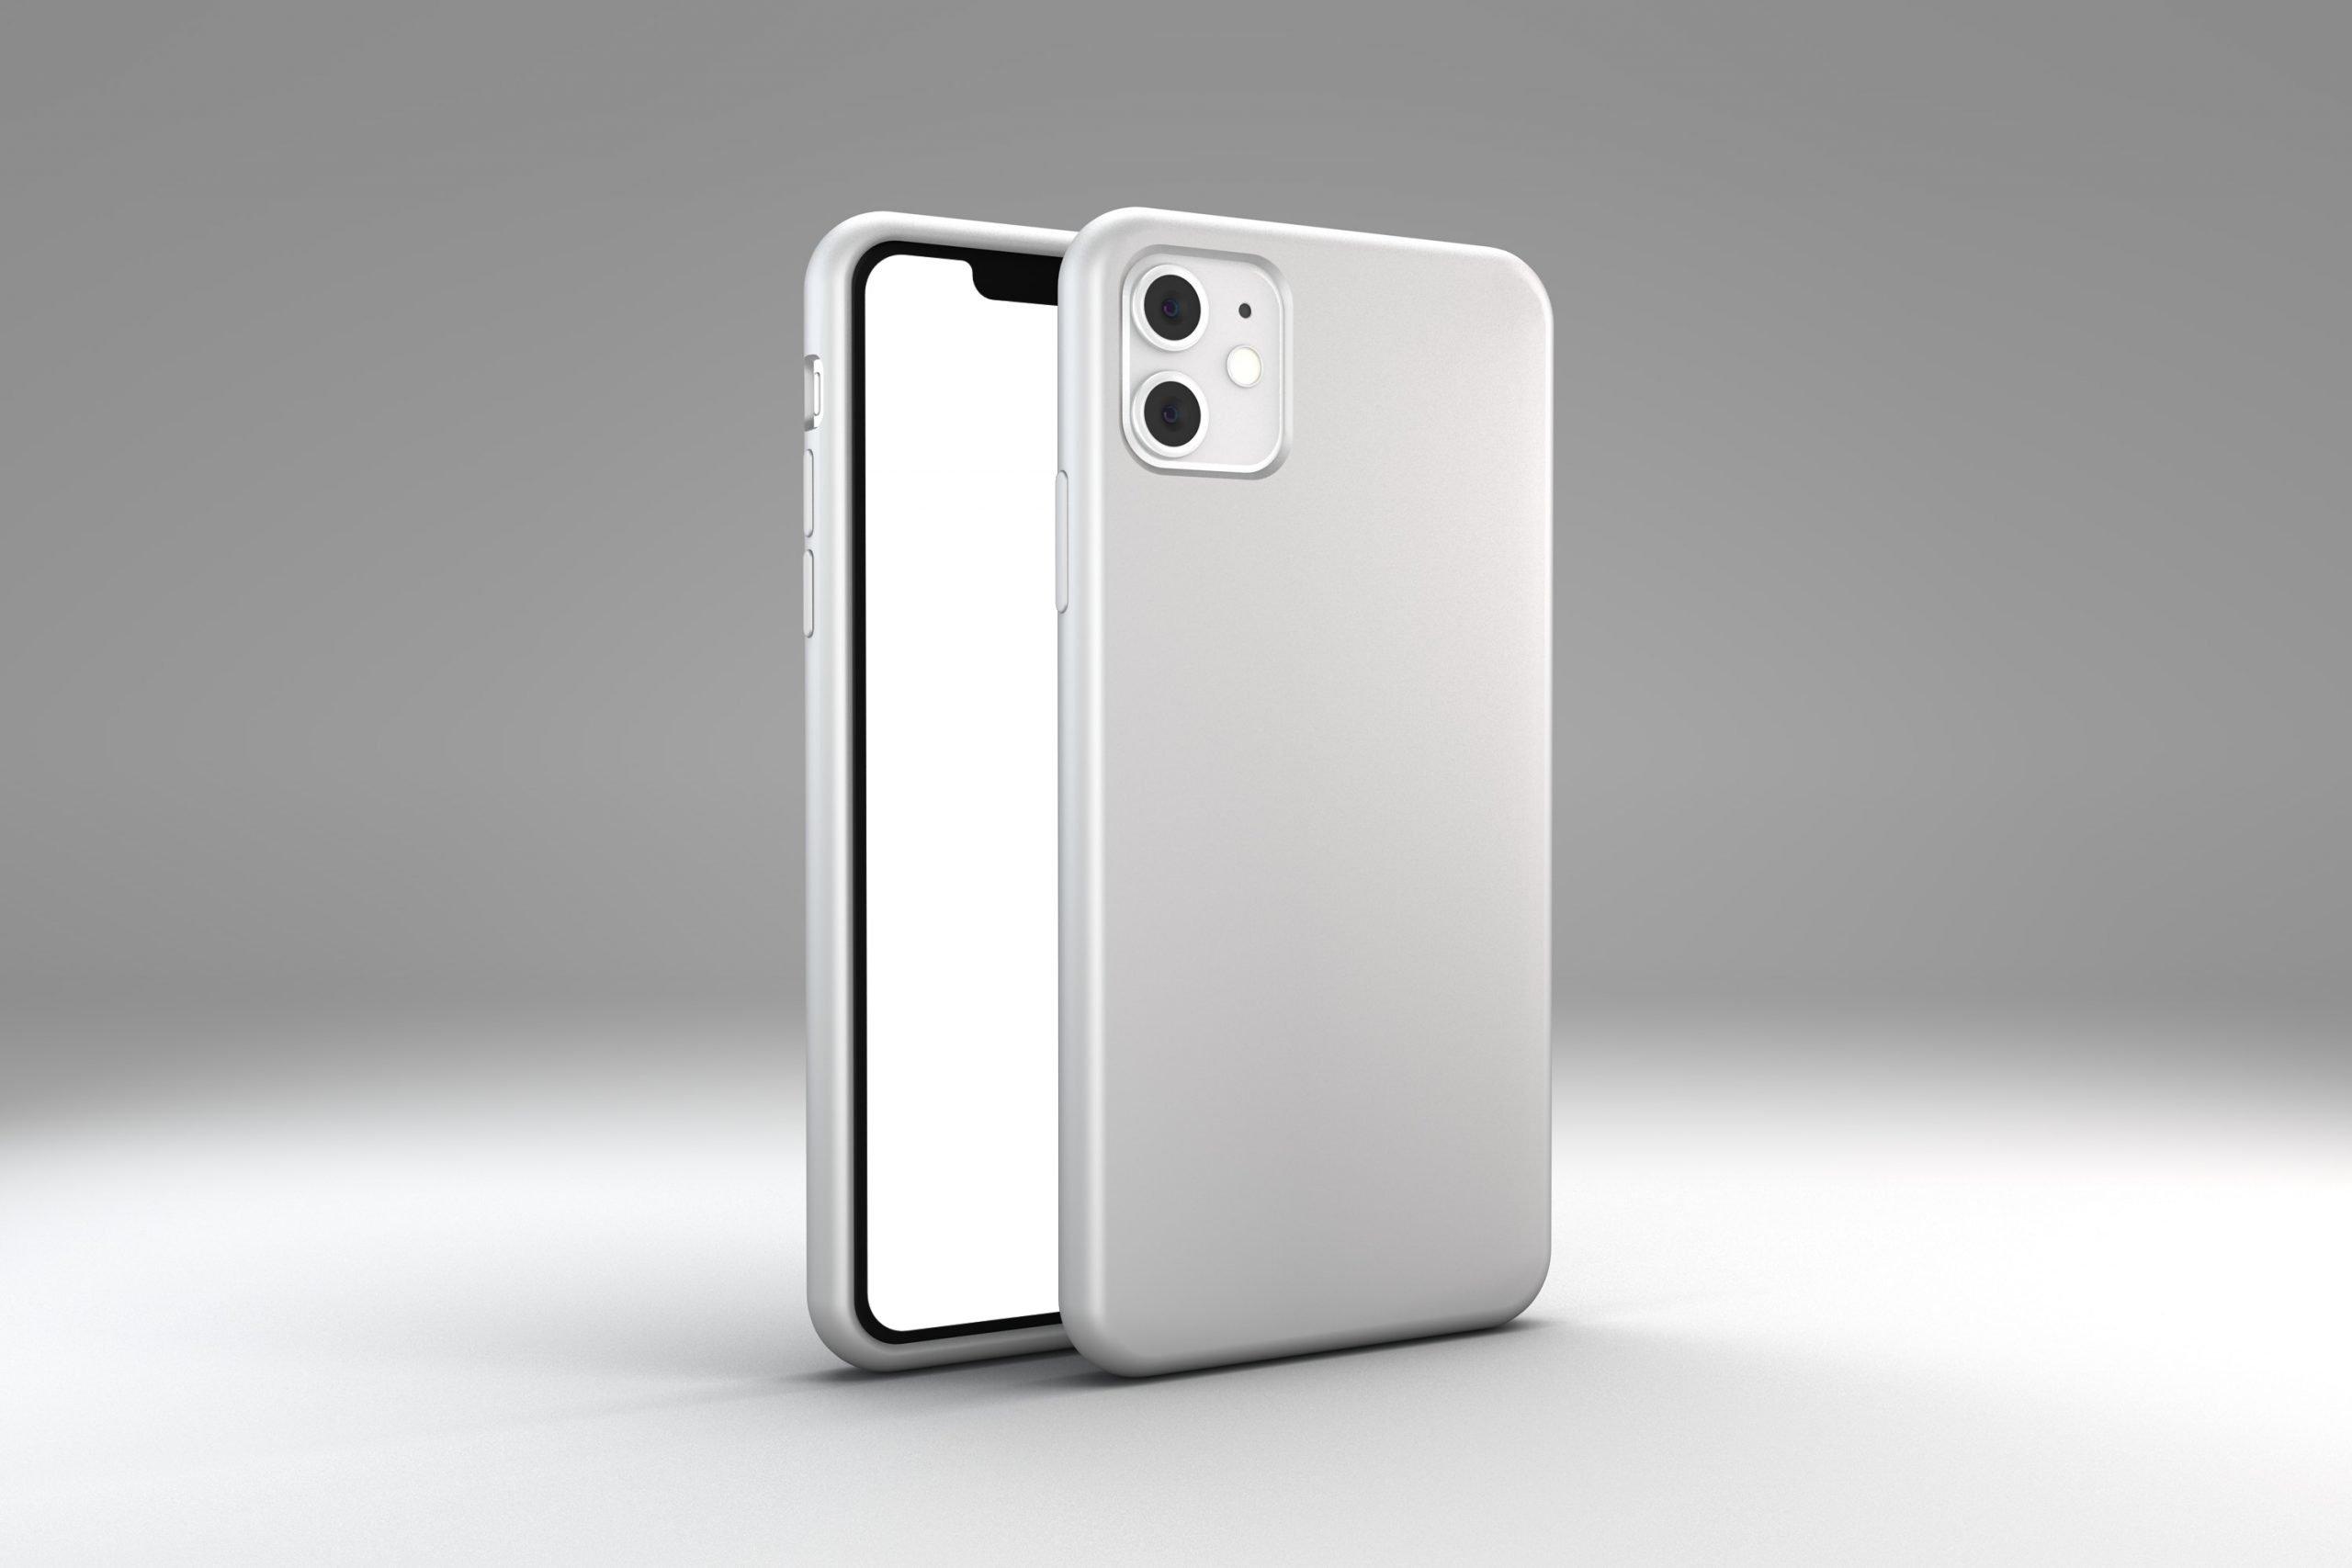 Kumaha kuring balikkeun setélan layar utama iPhone atanapi iPad kana penampilan aslina?